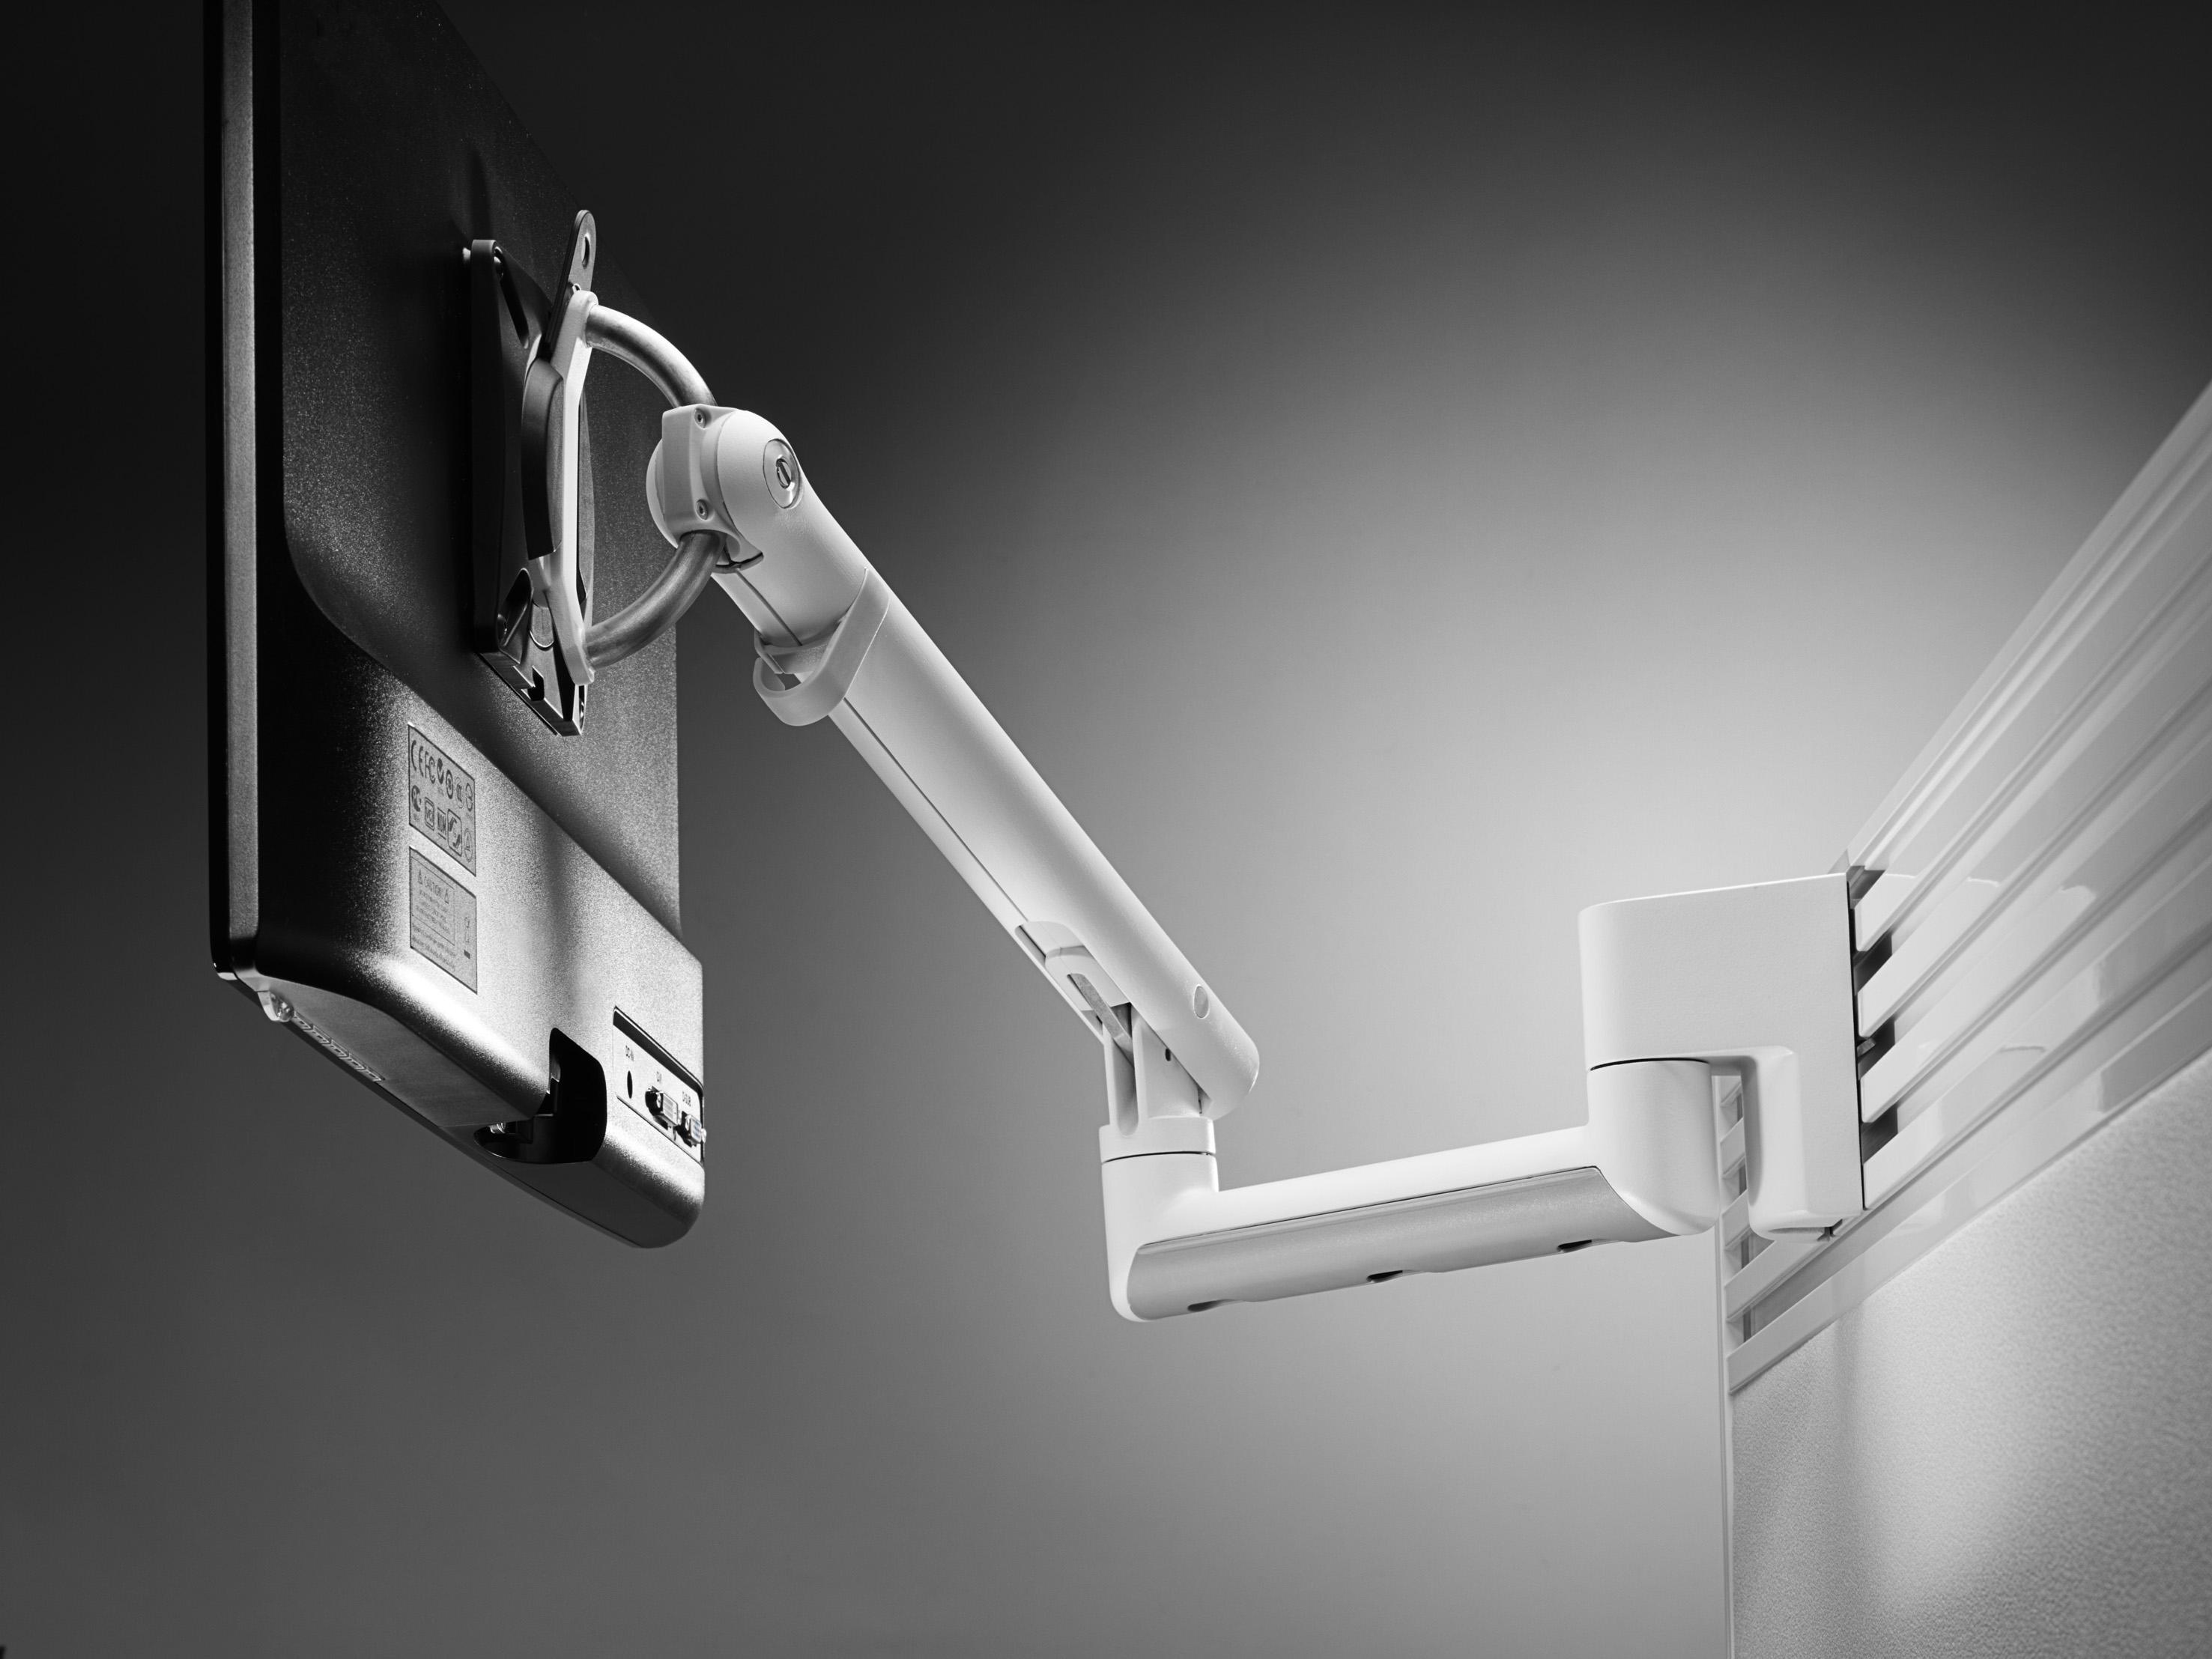 Flo monitorkar | Herman miller